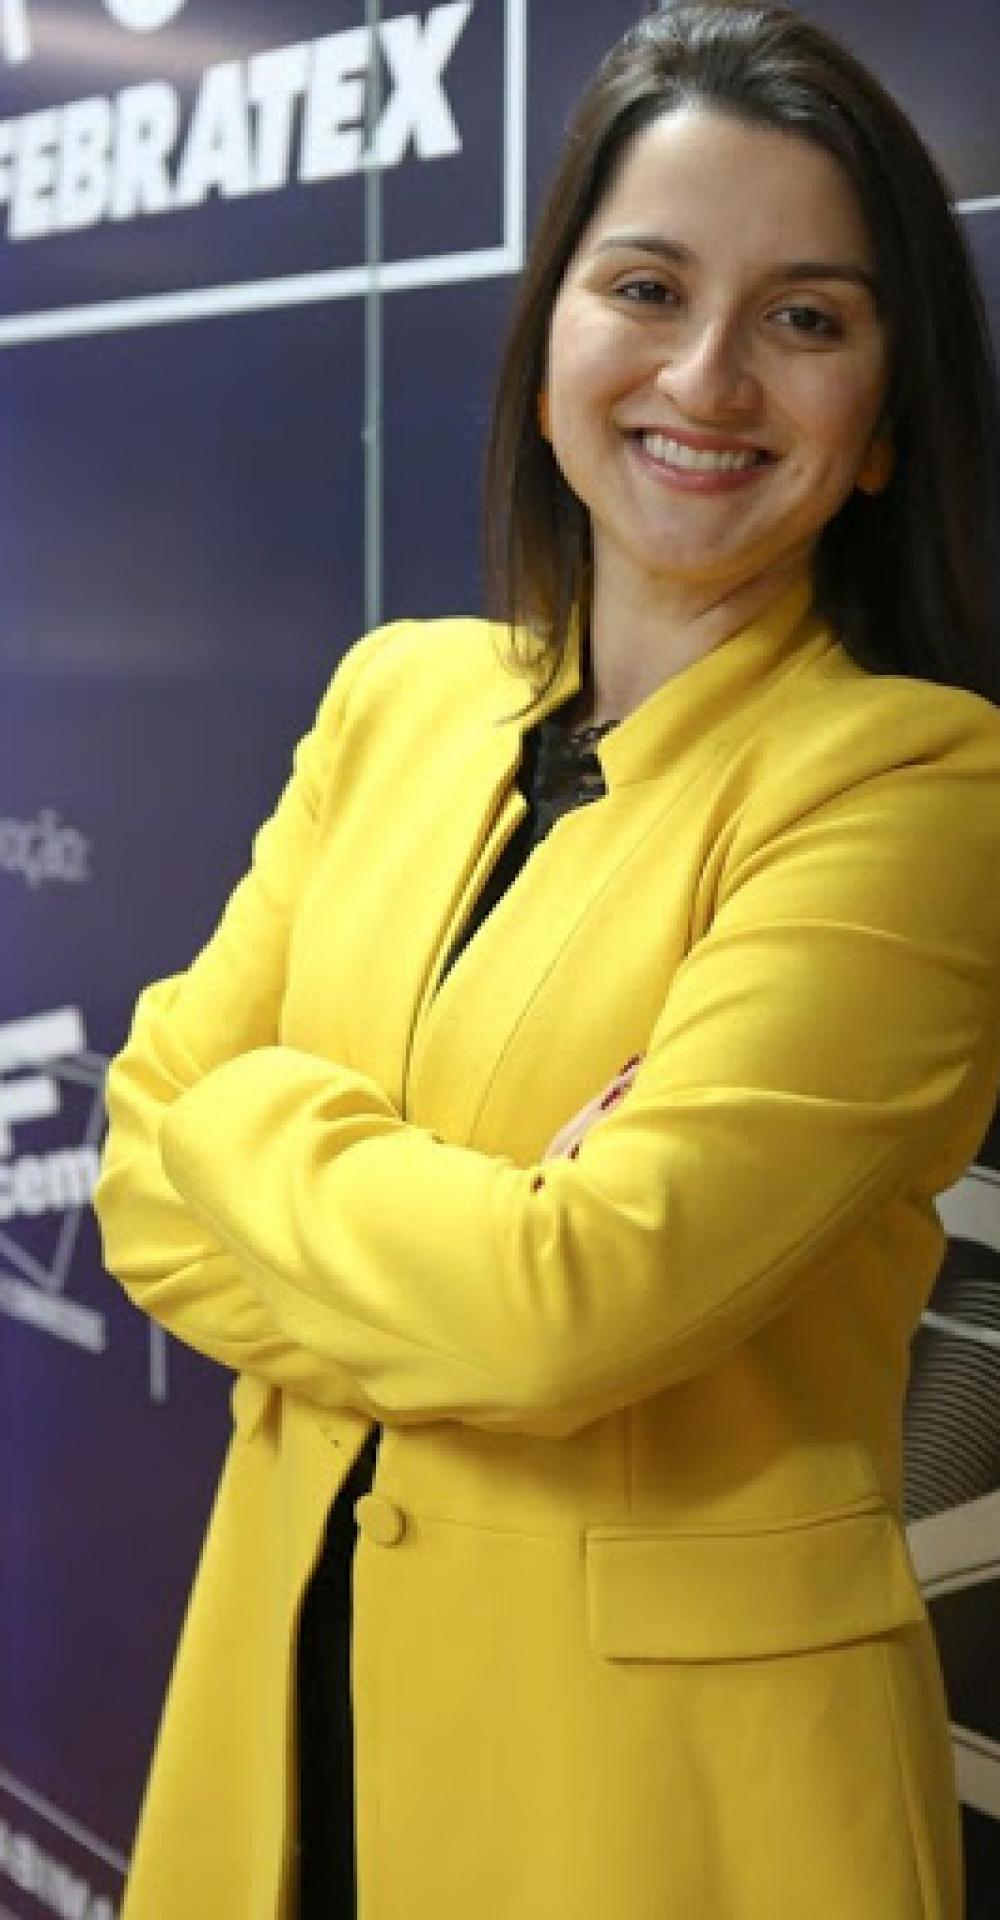 Febratex Conecta 2021: o match entre a indústria têxtil e a circularidade